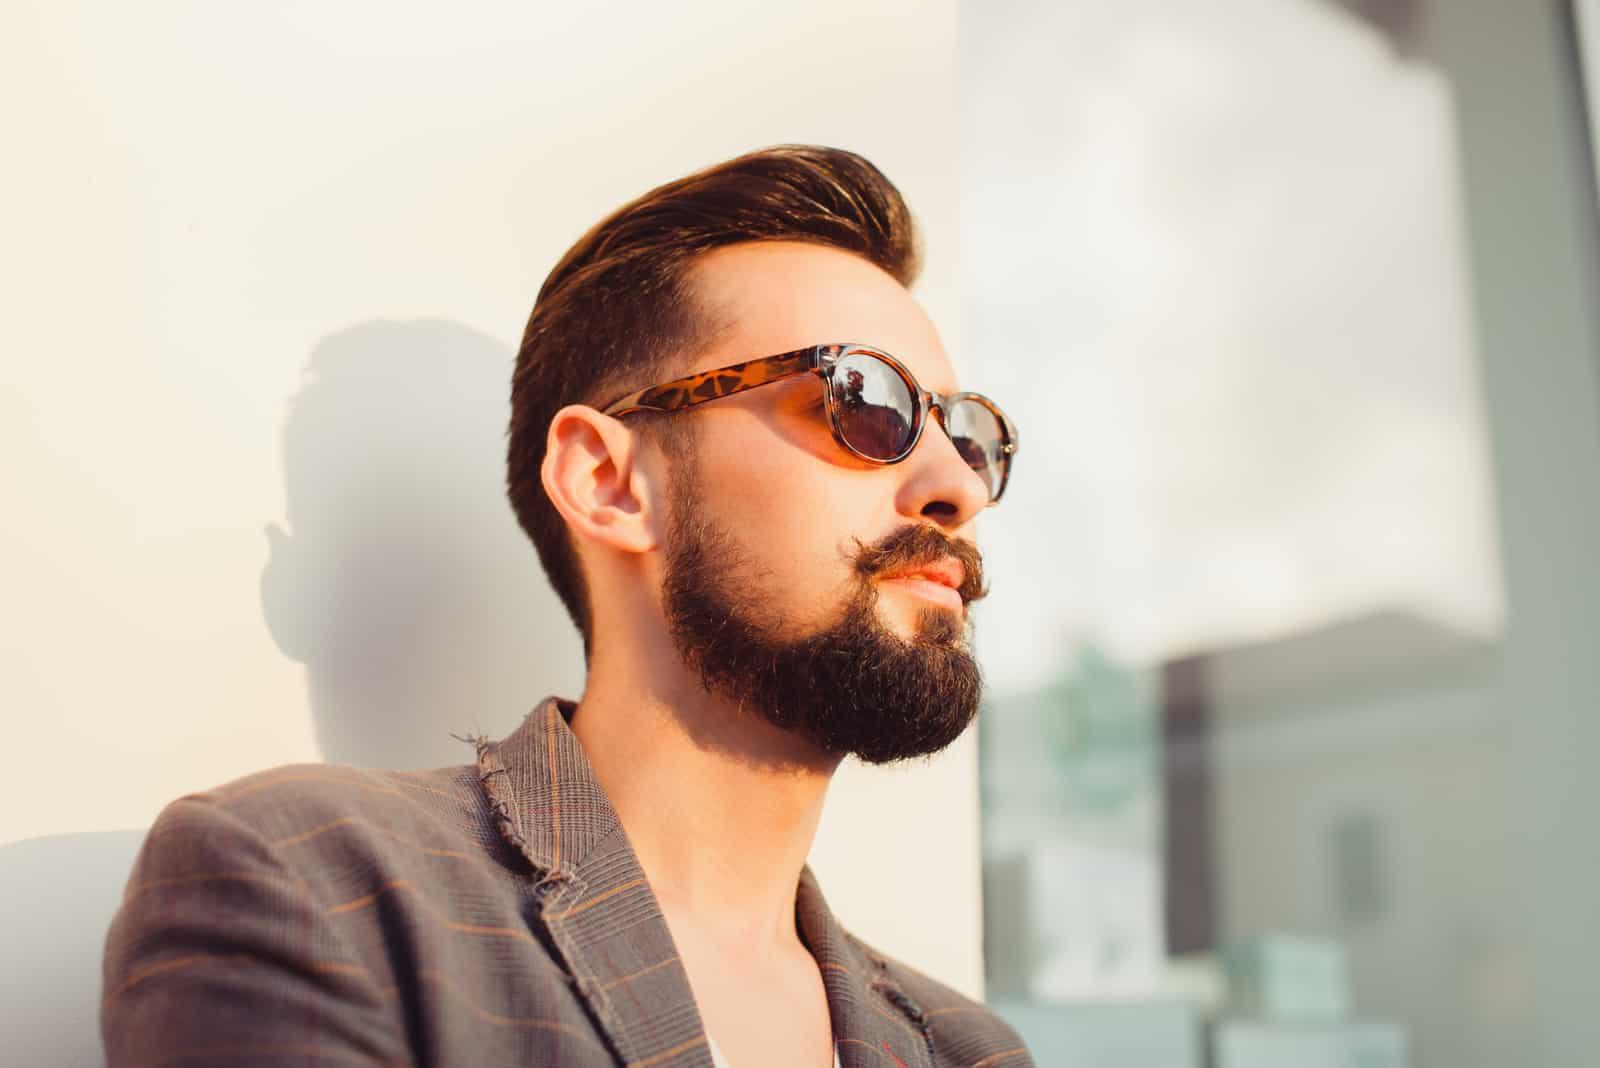 bärtiger Mann mit Sonnenbrille